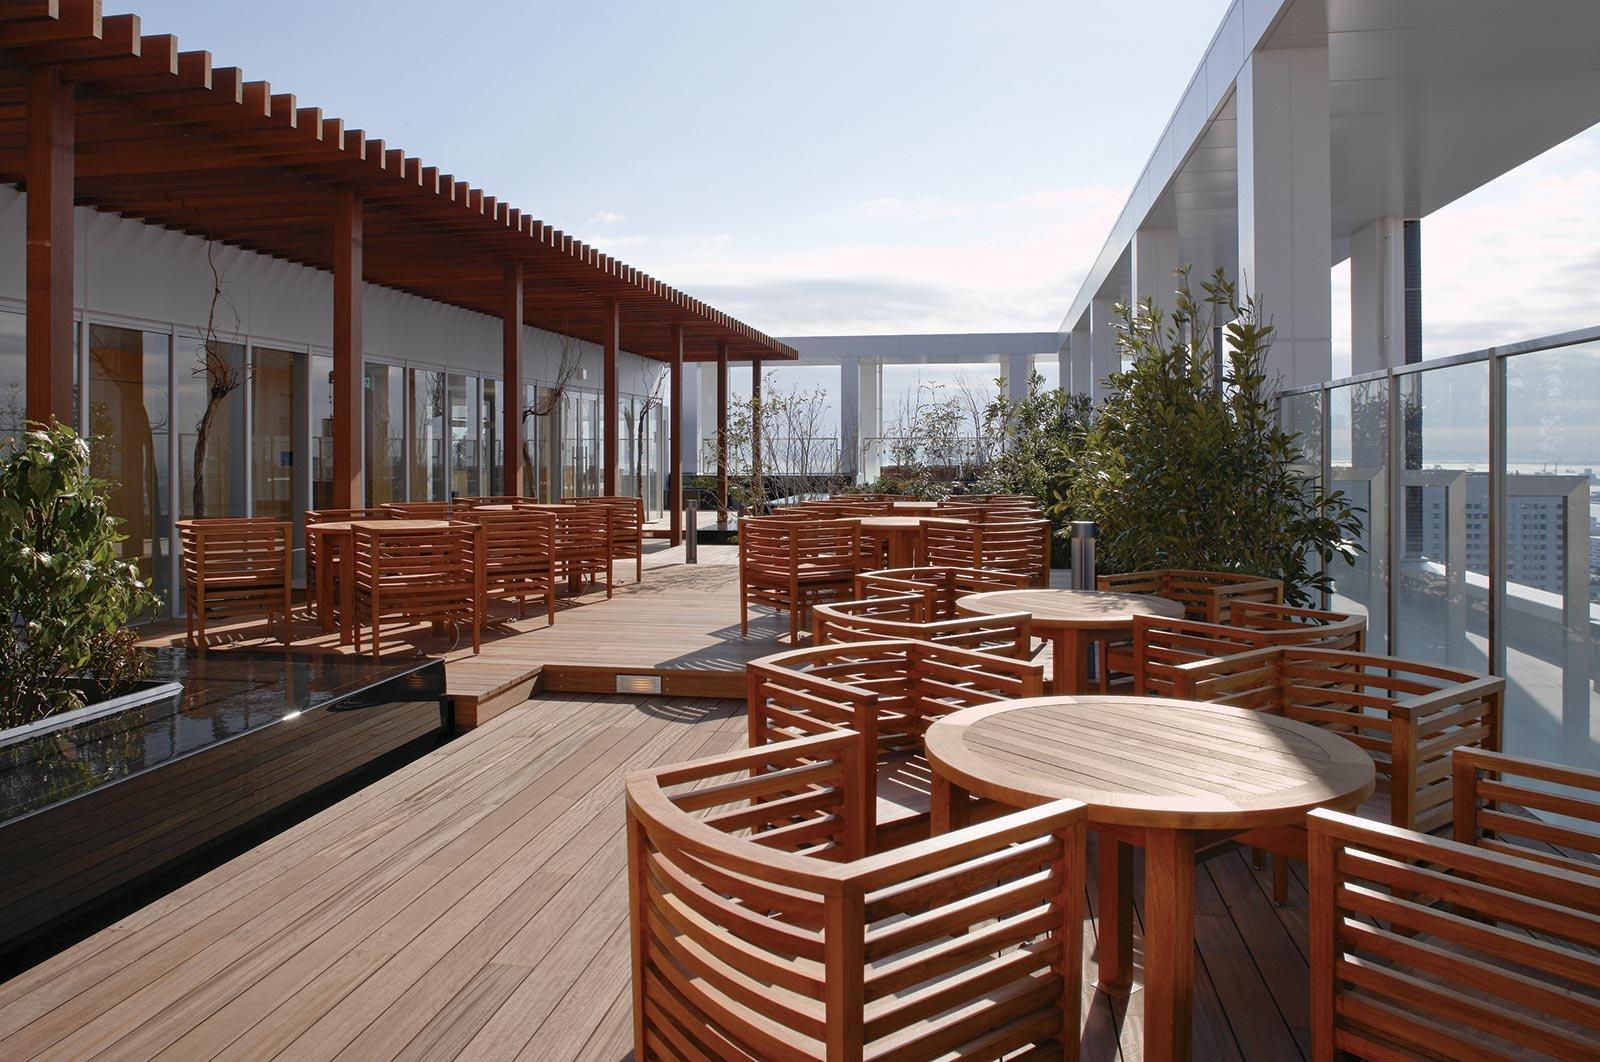 terrace_0204_md.jpg